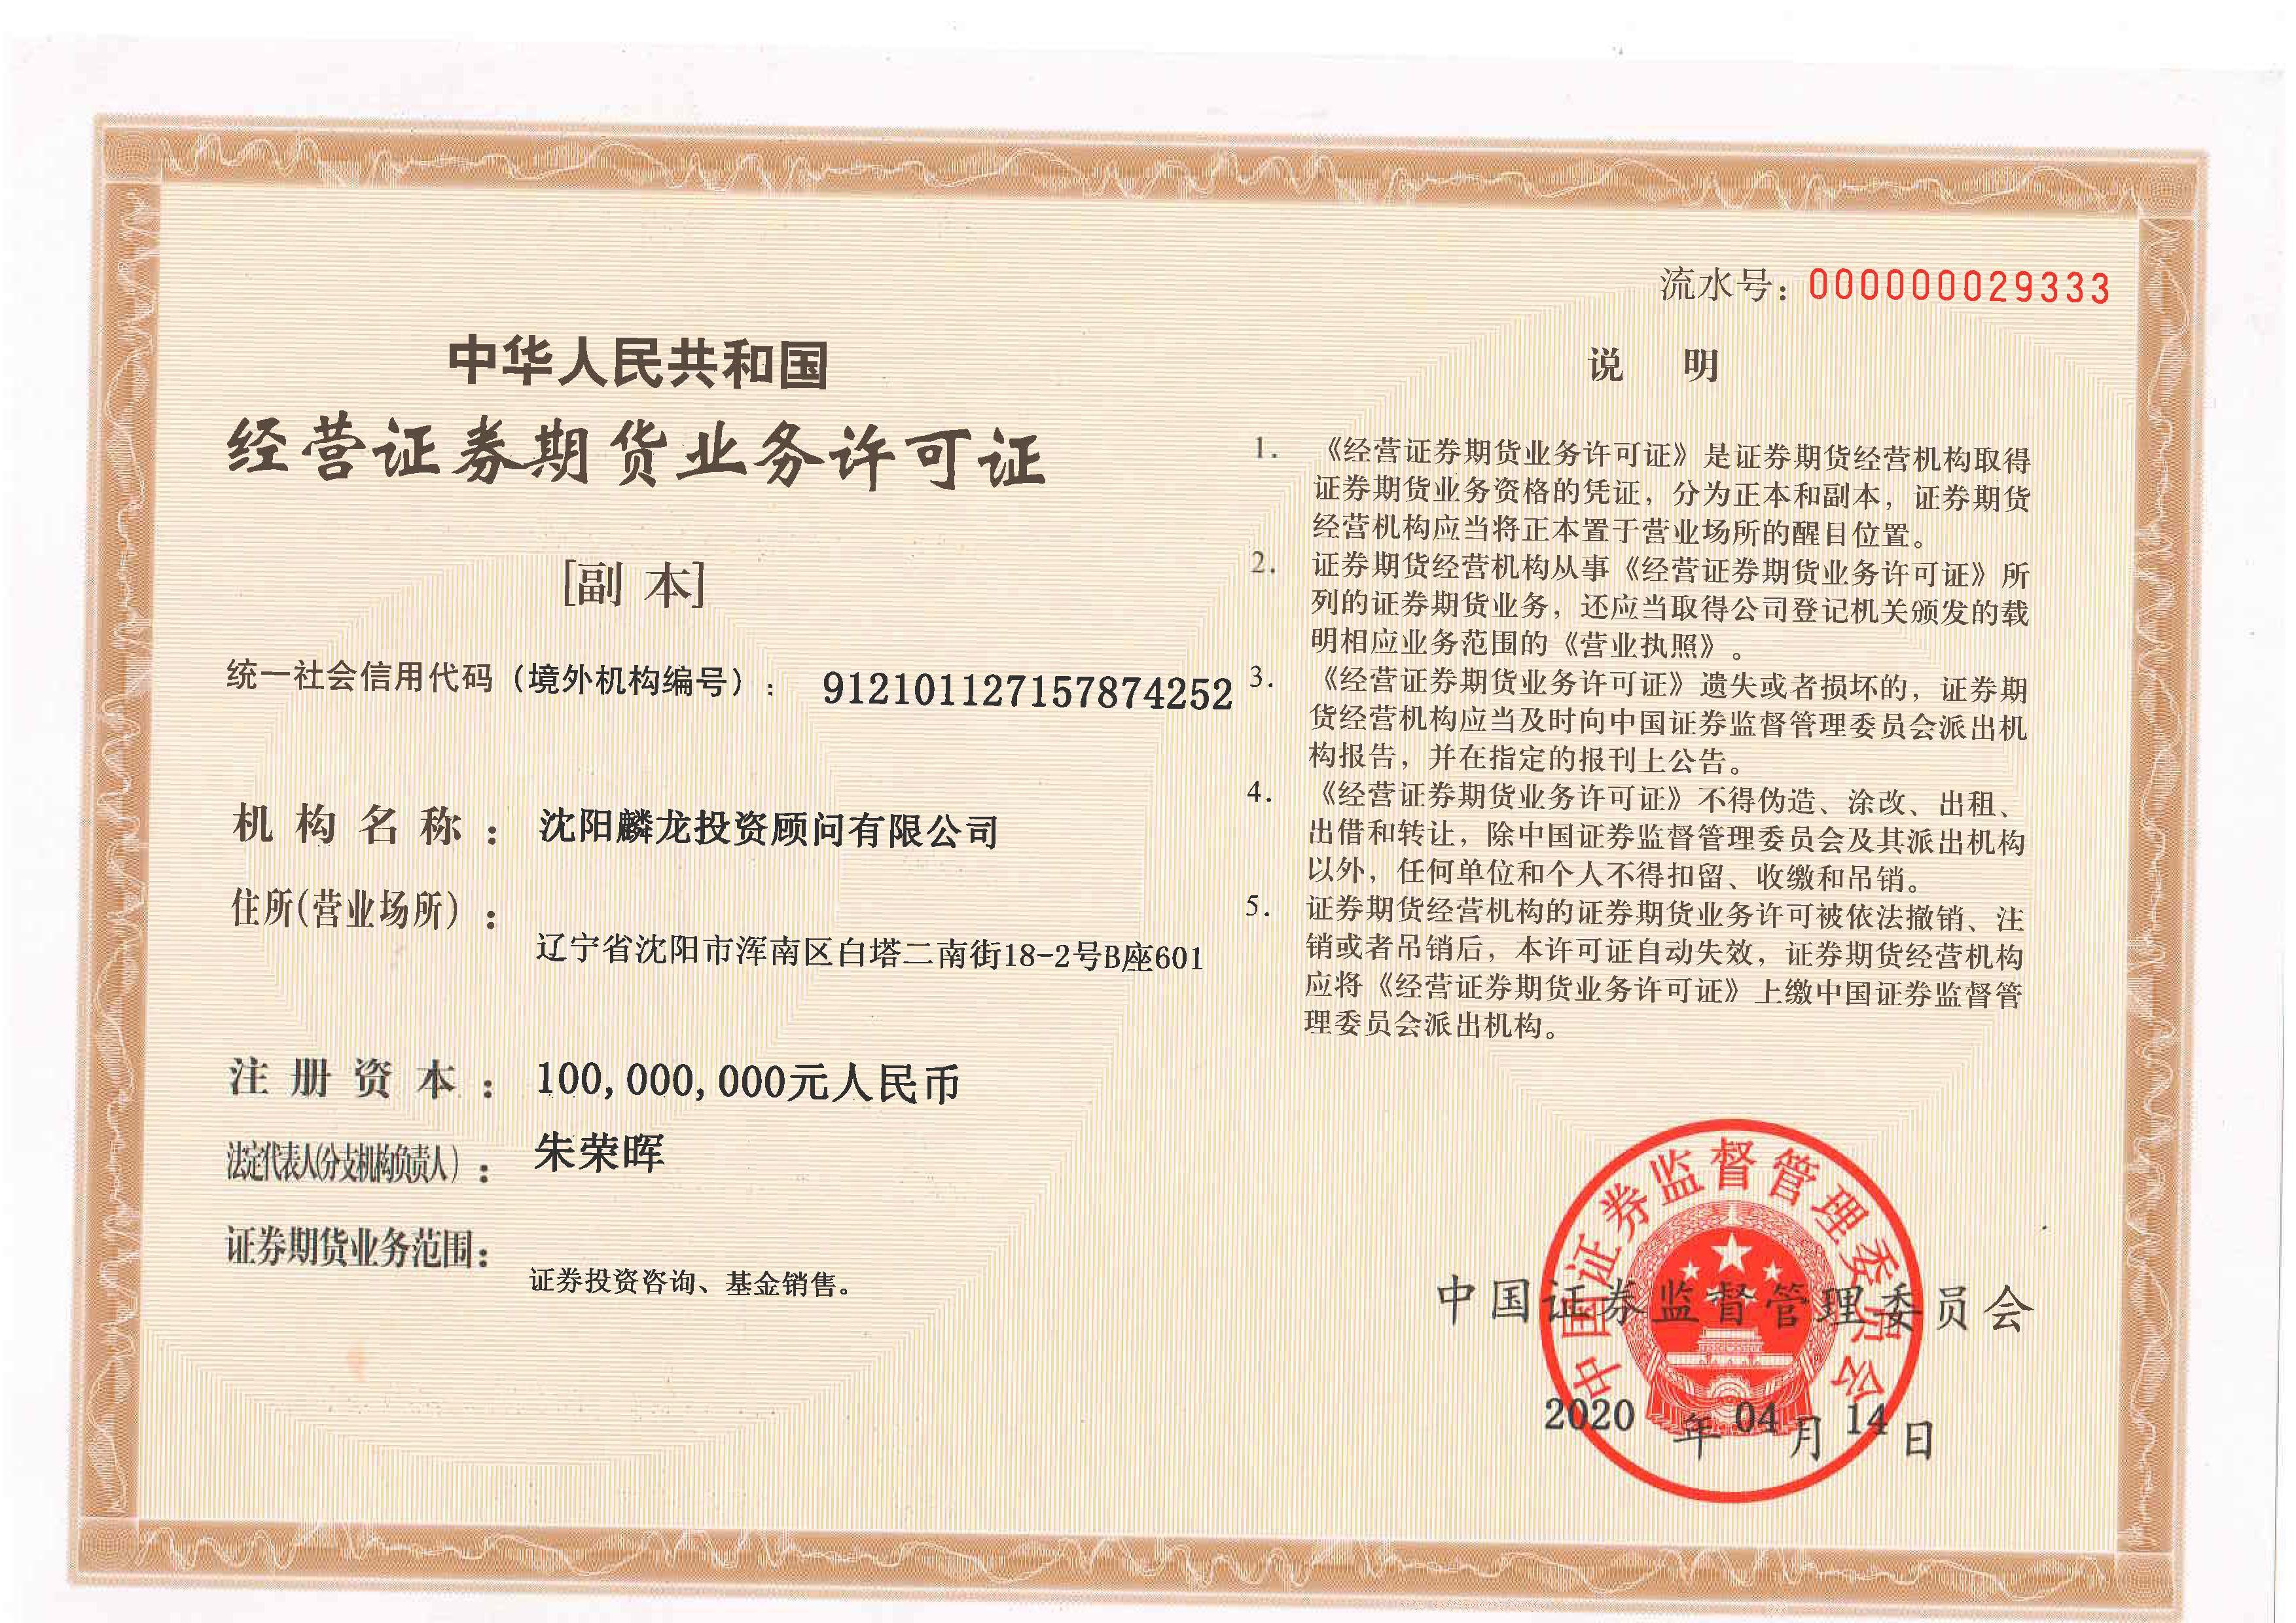 中华人民共和国经营证券期货业务许可证